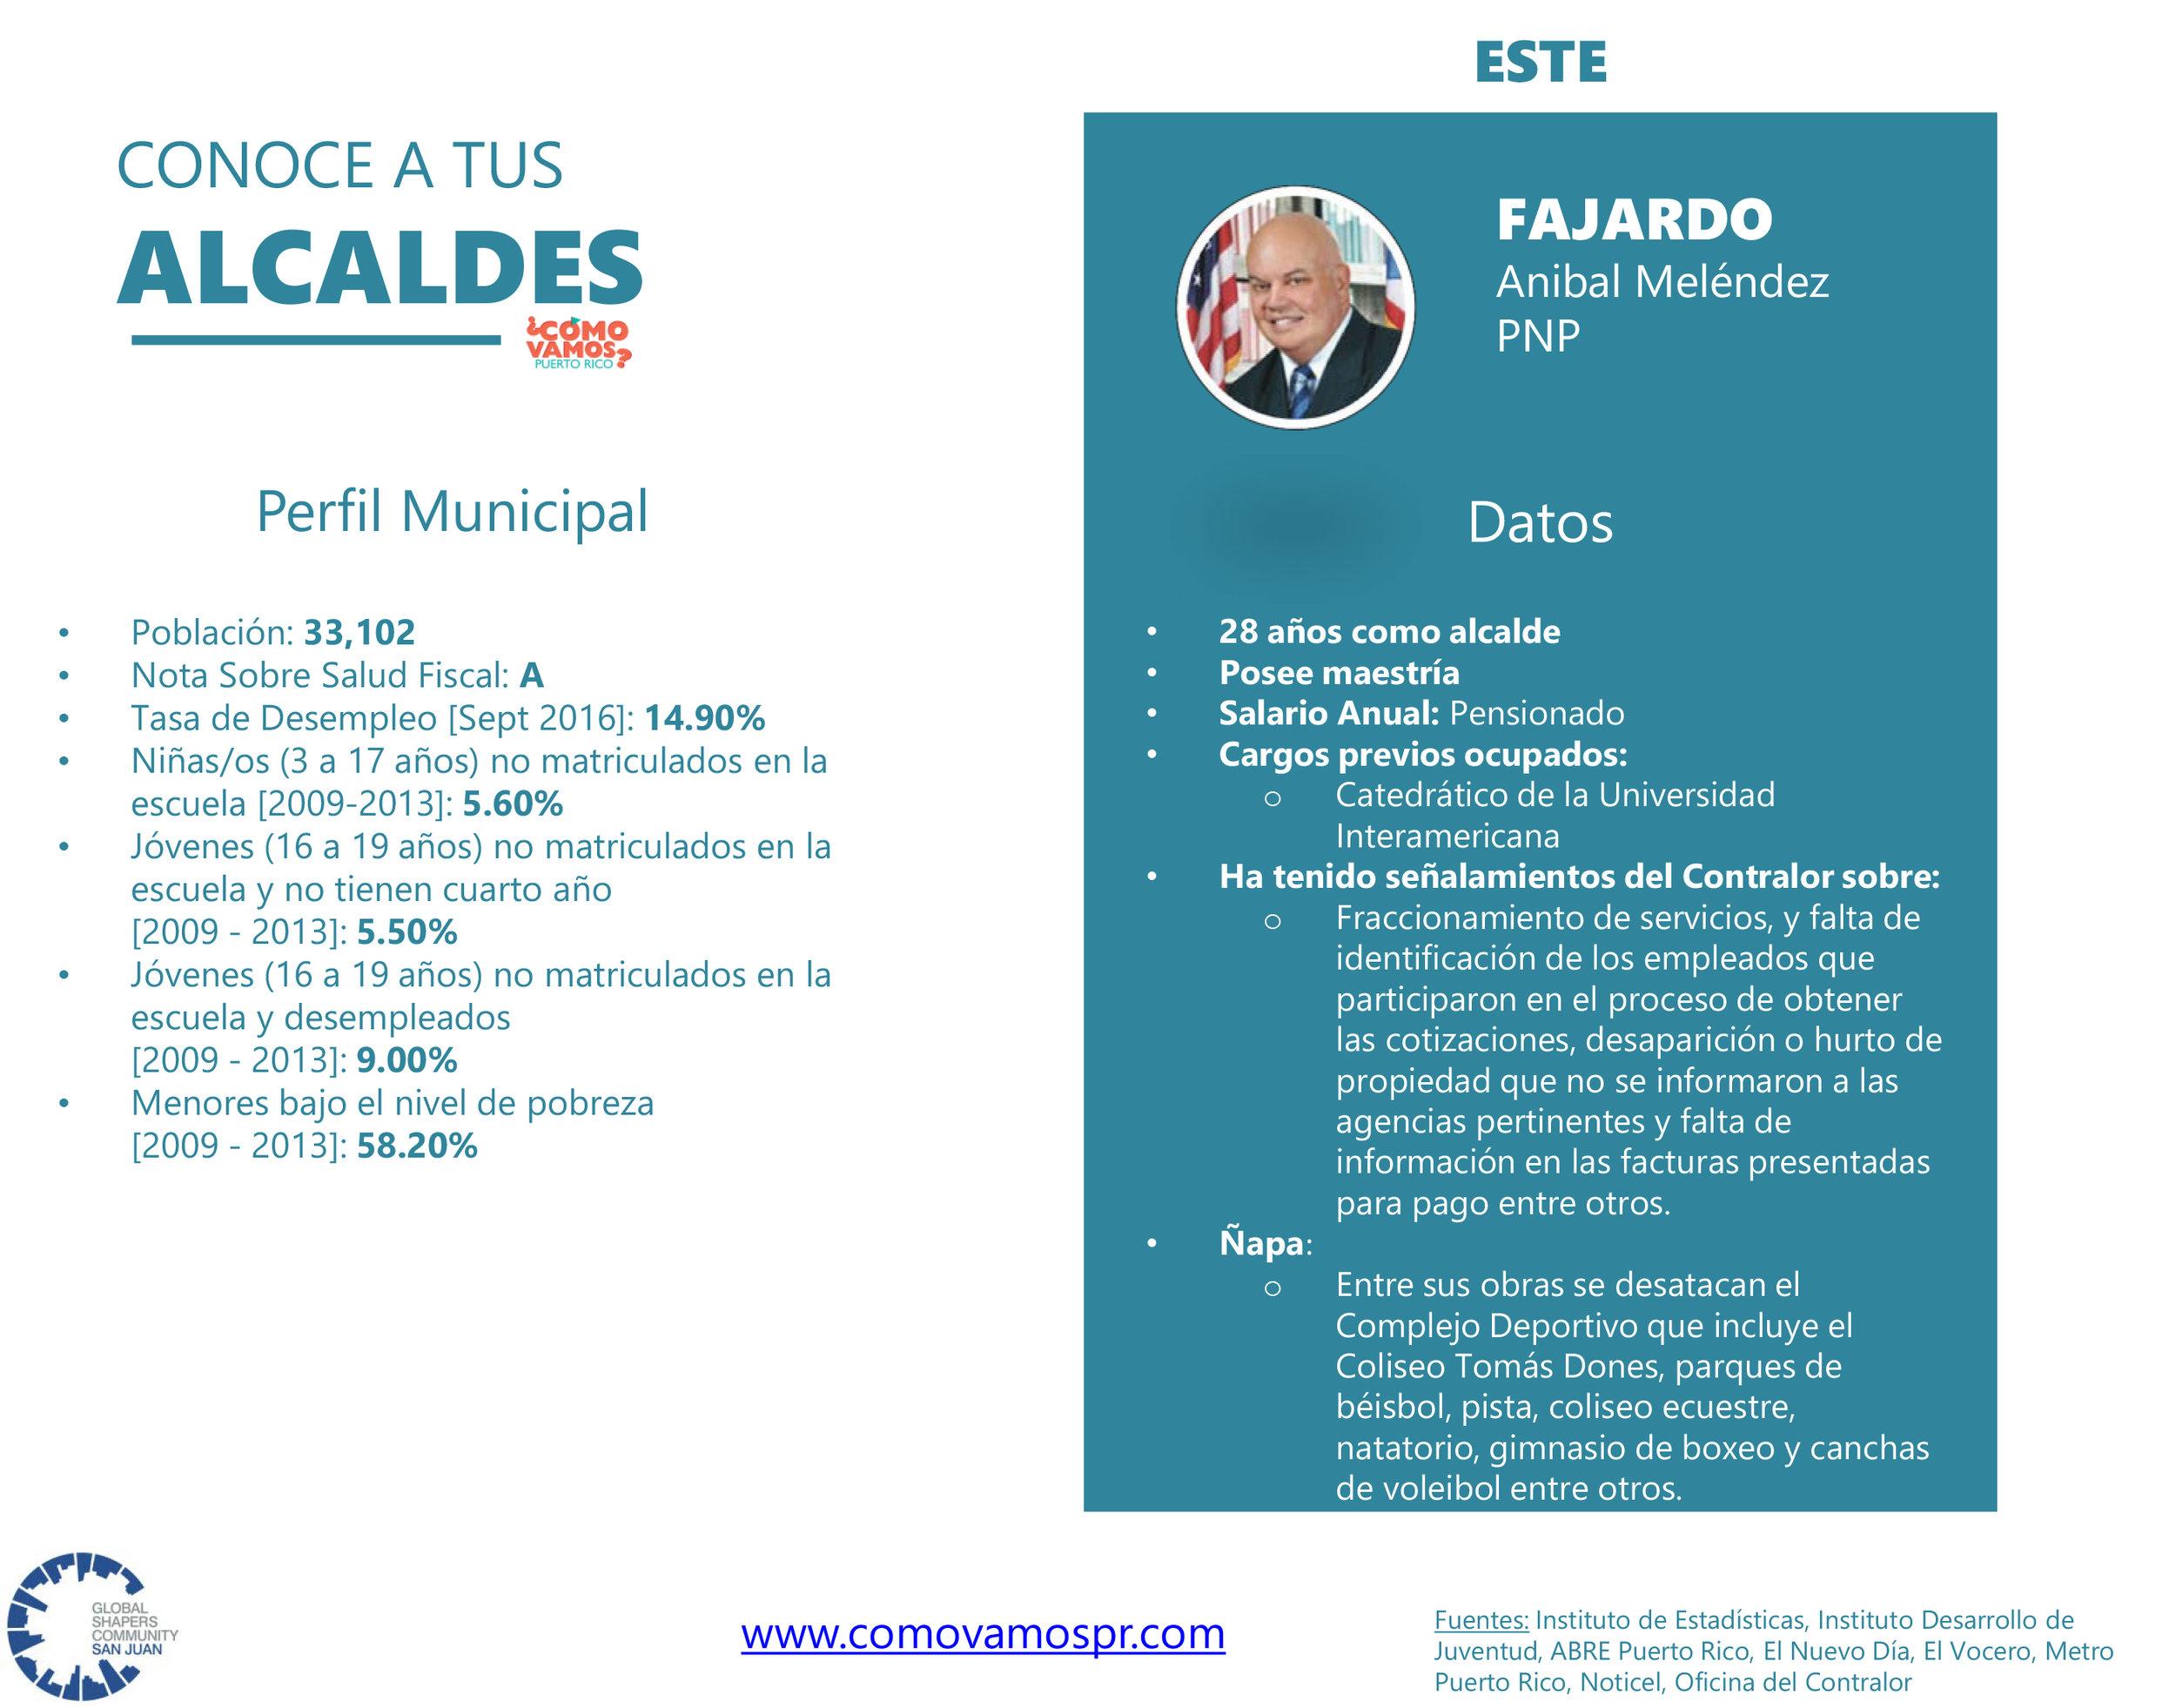 Alcaldes_Este_Fajardo.jpg